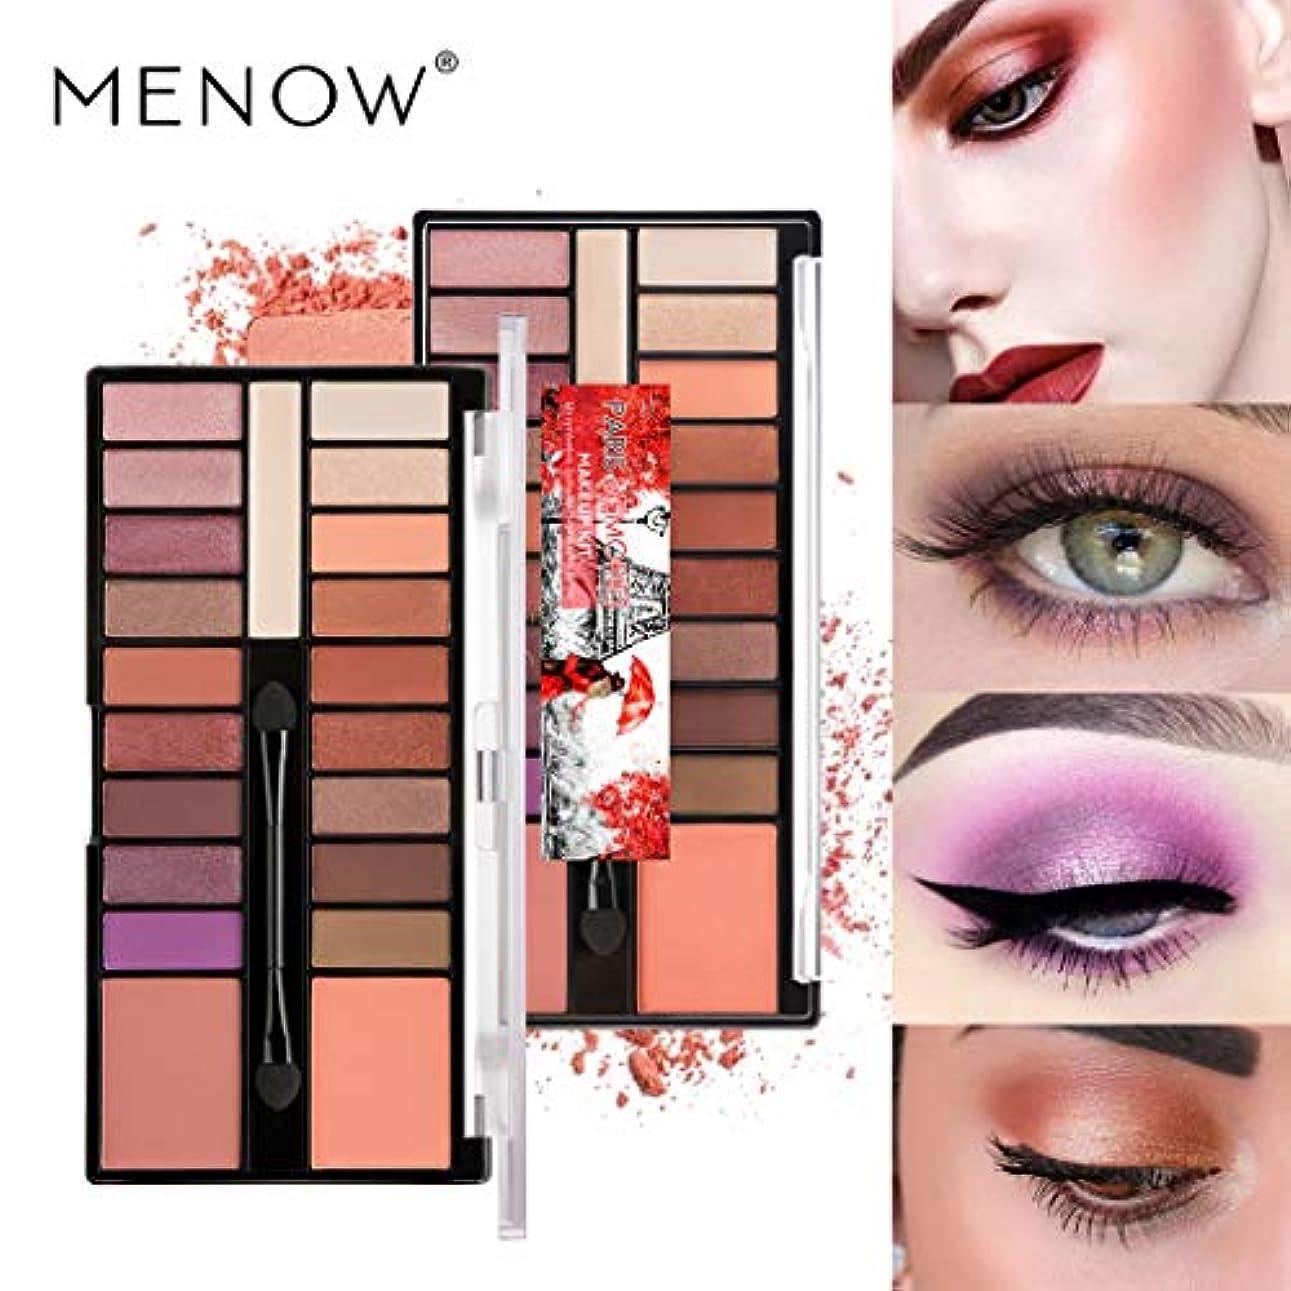 引退したギャングデコードするAkane アイシャドウパレット MENOW ファッション キラキラ プロ 魅力的 綺麗 人気 長持ち マット チャーム おしゃれ 持ち便利 Eye Shadow (18色) K907